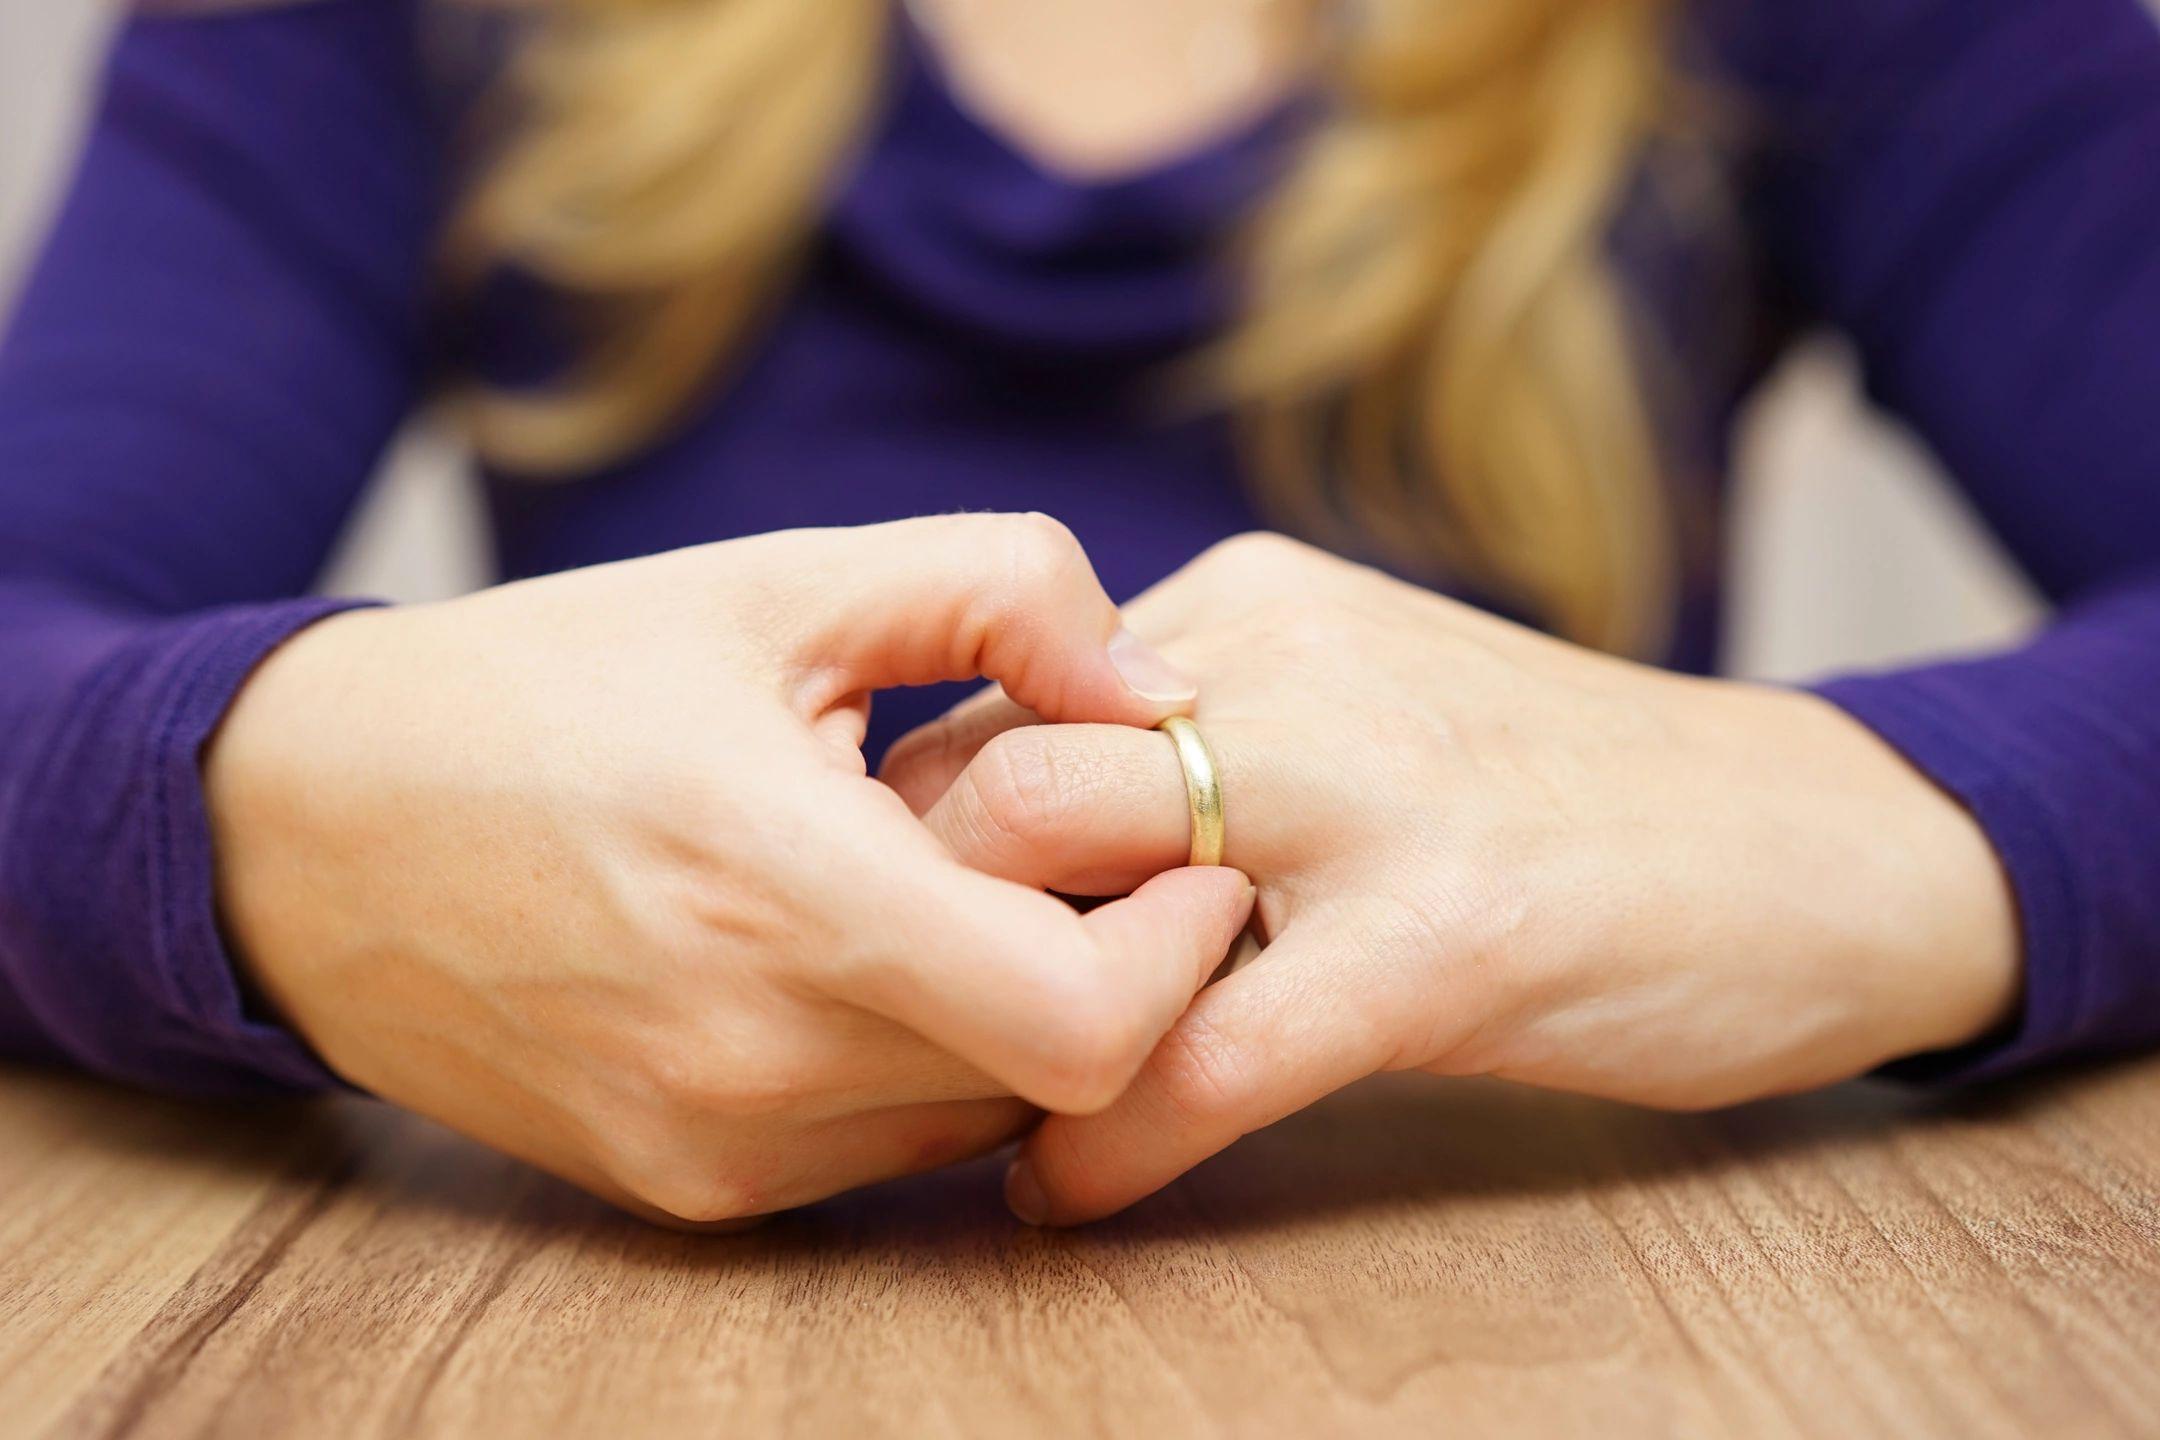 Separation instead of divorce